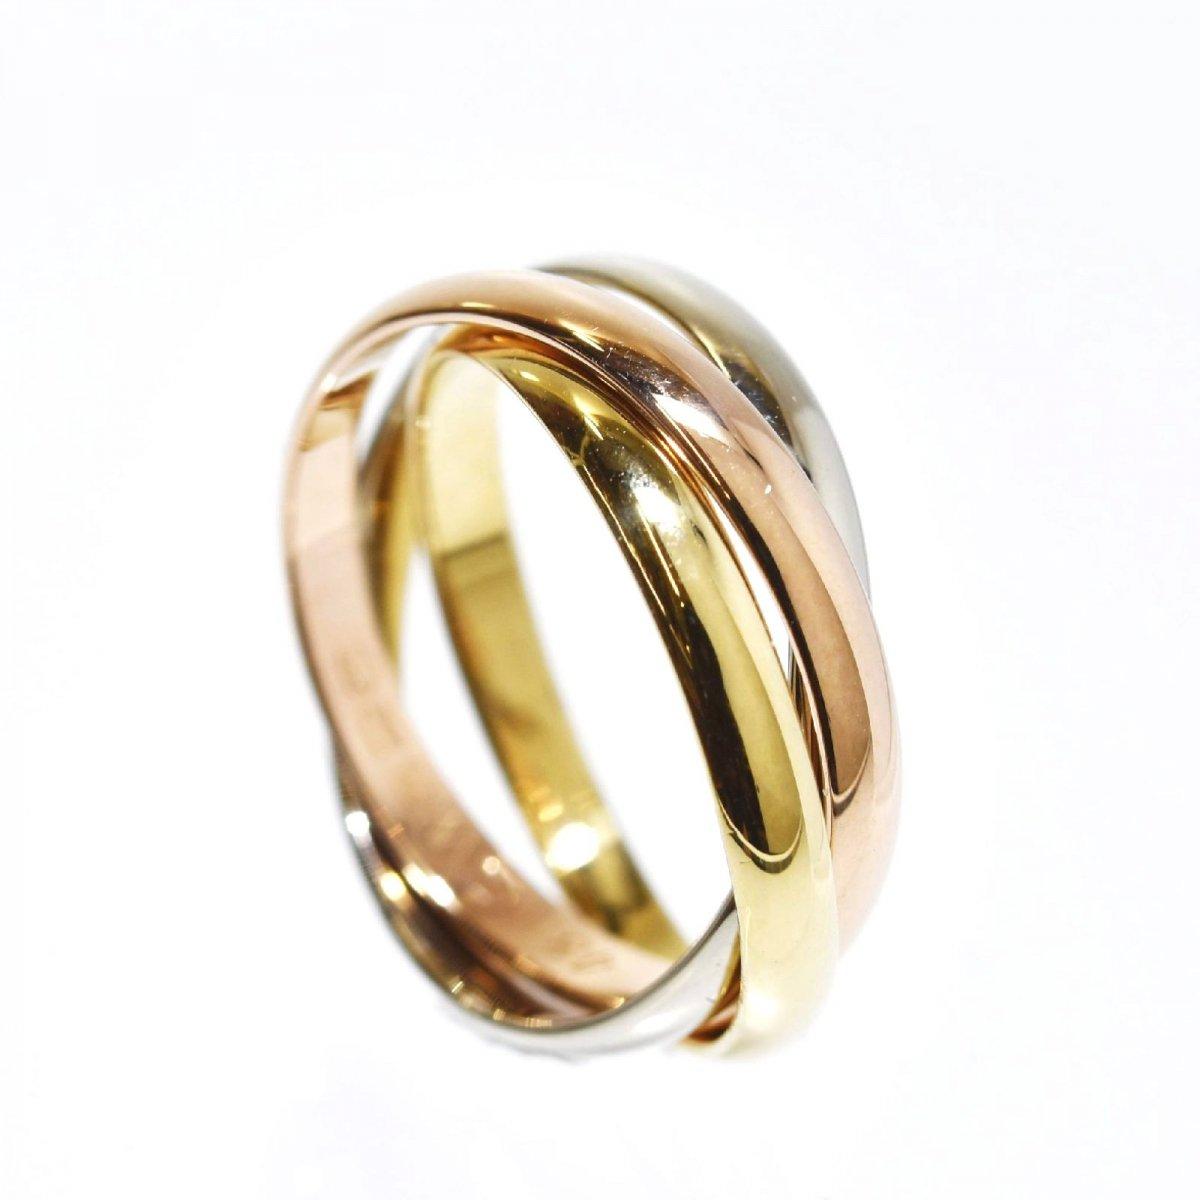 カルティエ K18 ゴールドリング トリニティ 細タイプ 4.3g★#8 Cartier スリーカラーゴールド 三連